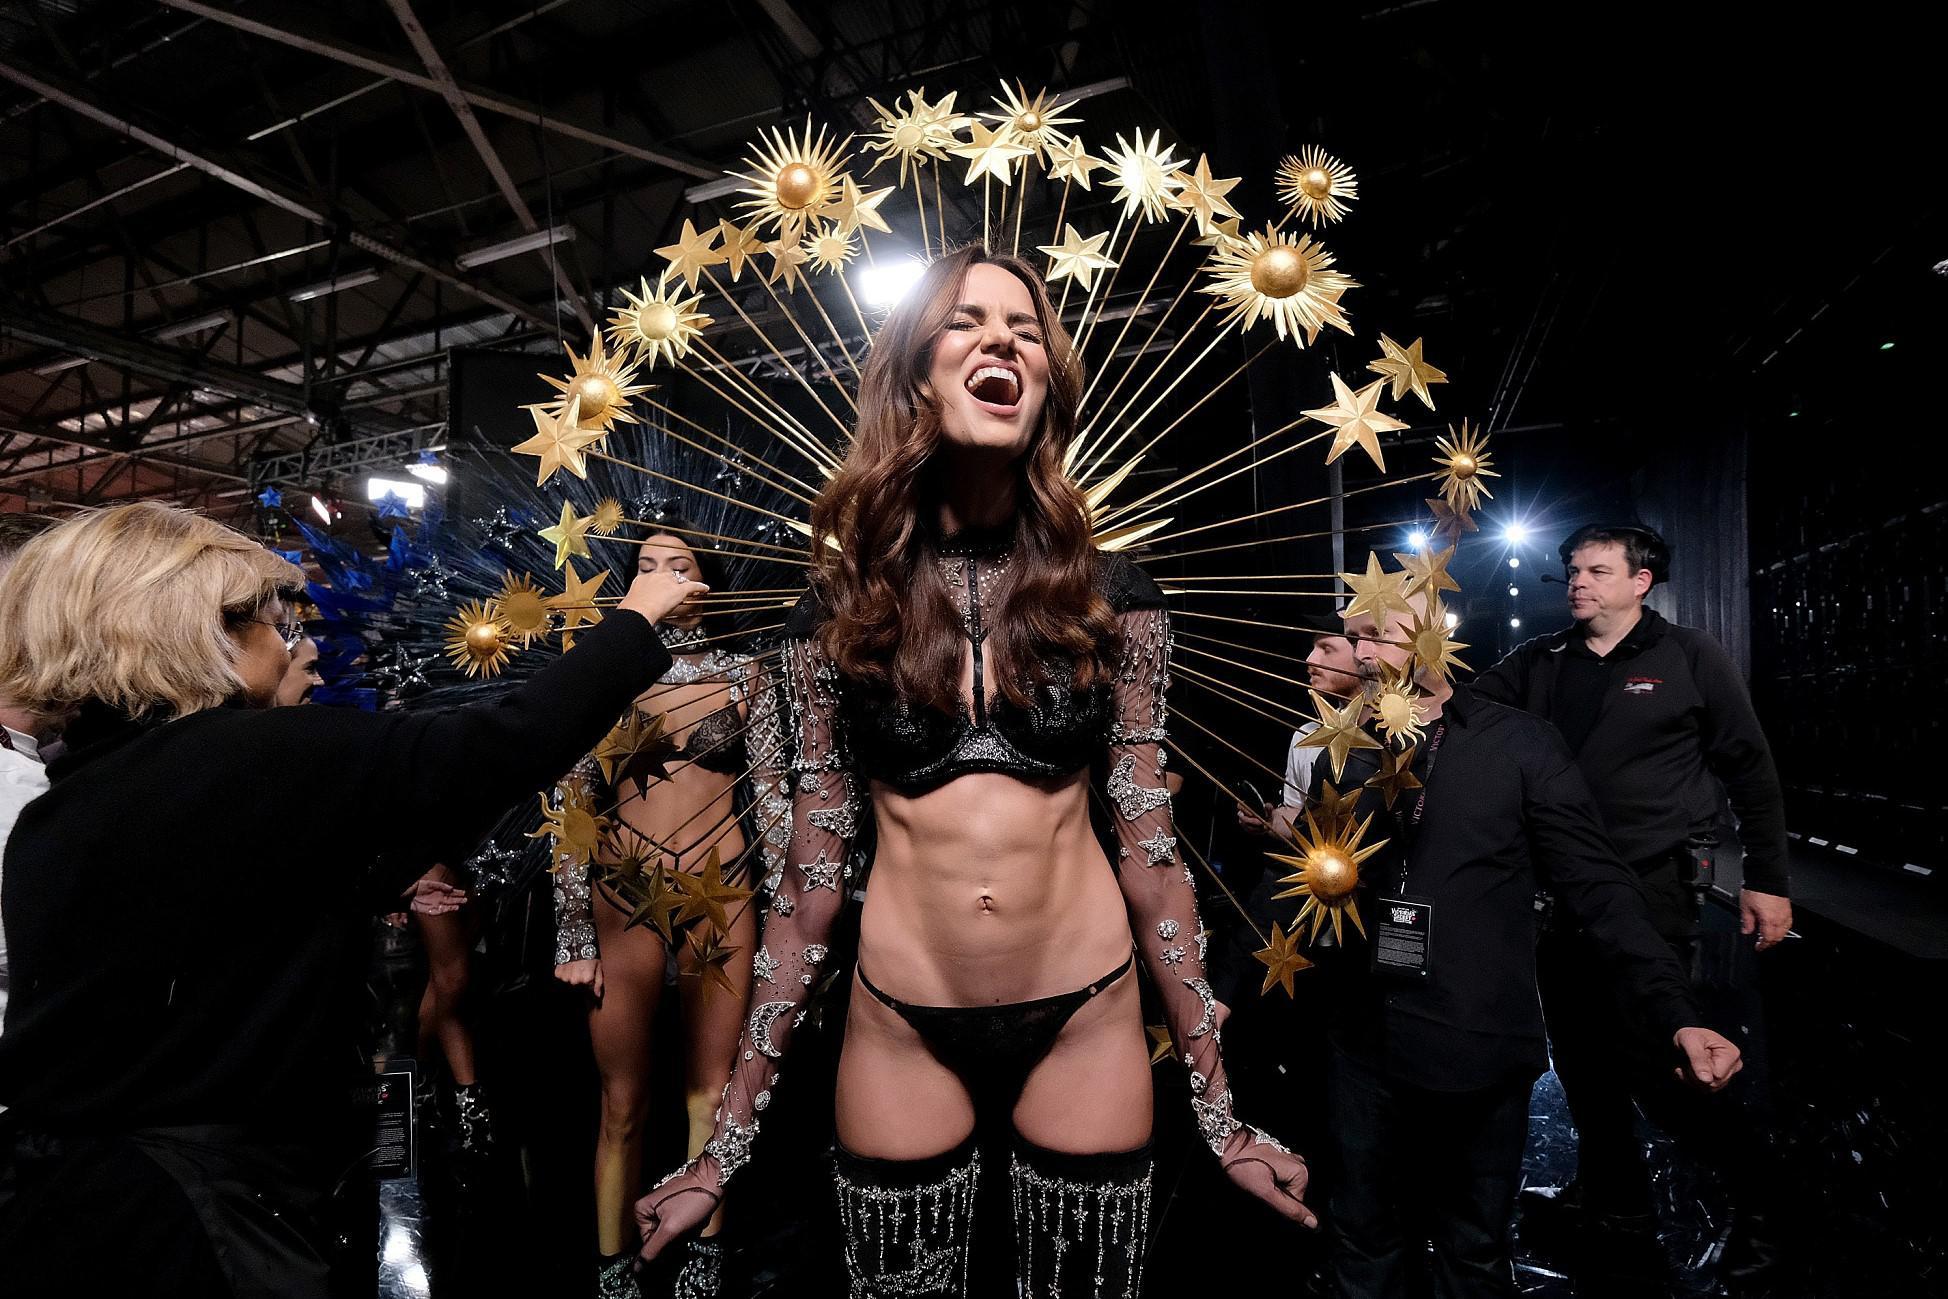 2018年11月8日,美国纽约,维密内衣秀。芭芭拉·菲亚略(Barbara Fialho)在后台准备服装,腹部轮廓清晰可见/视觉中国